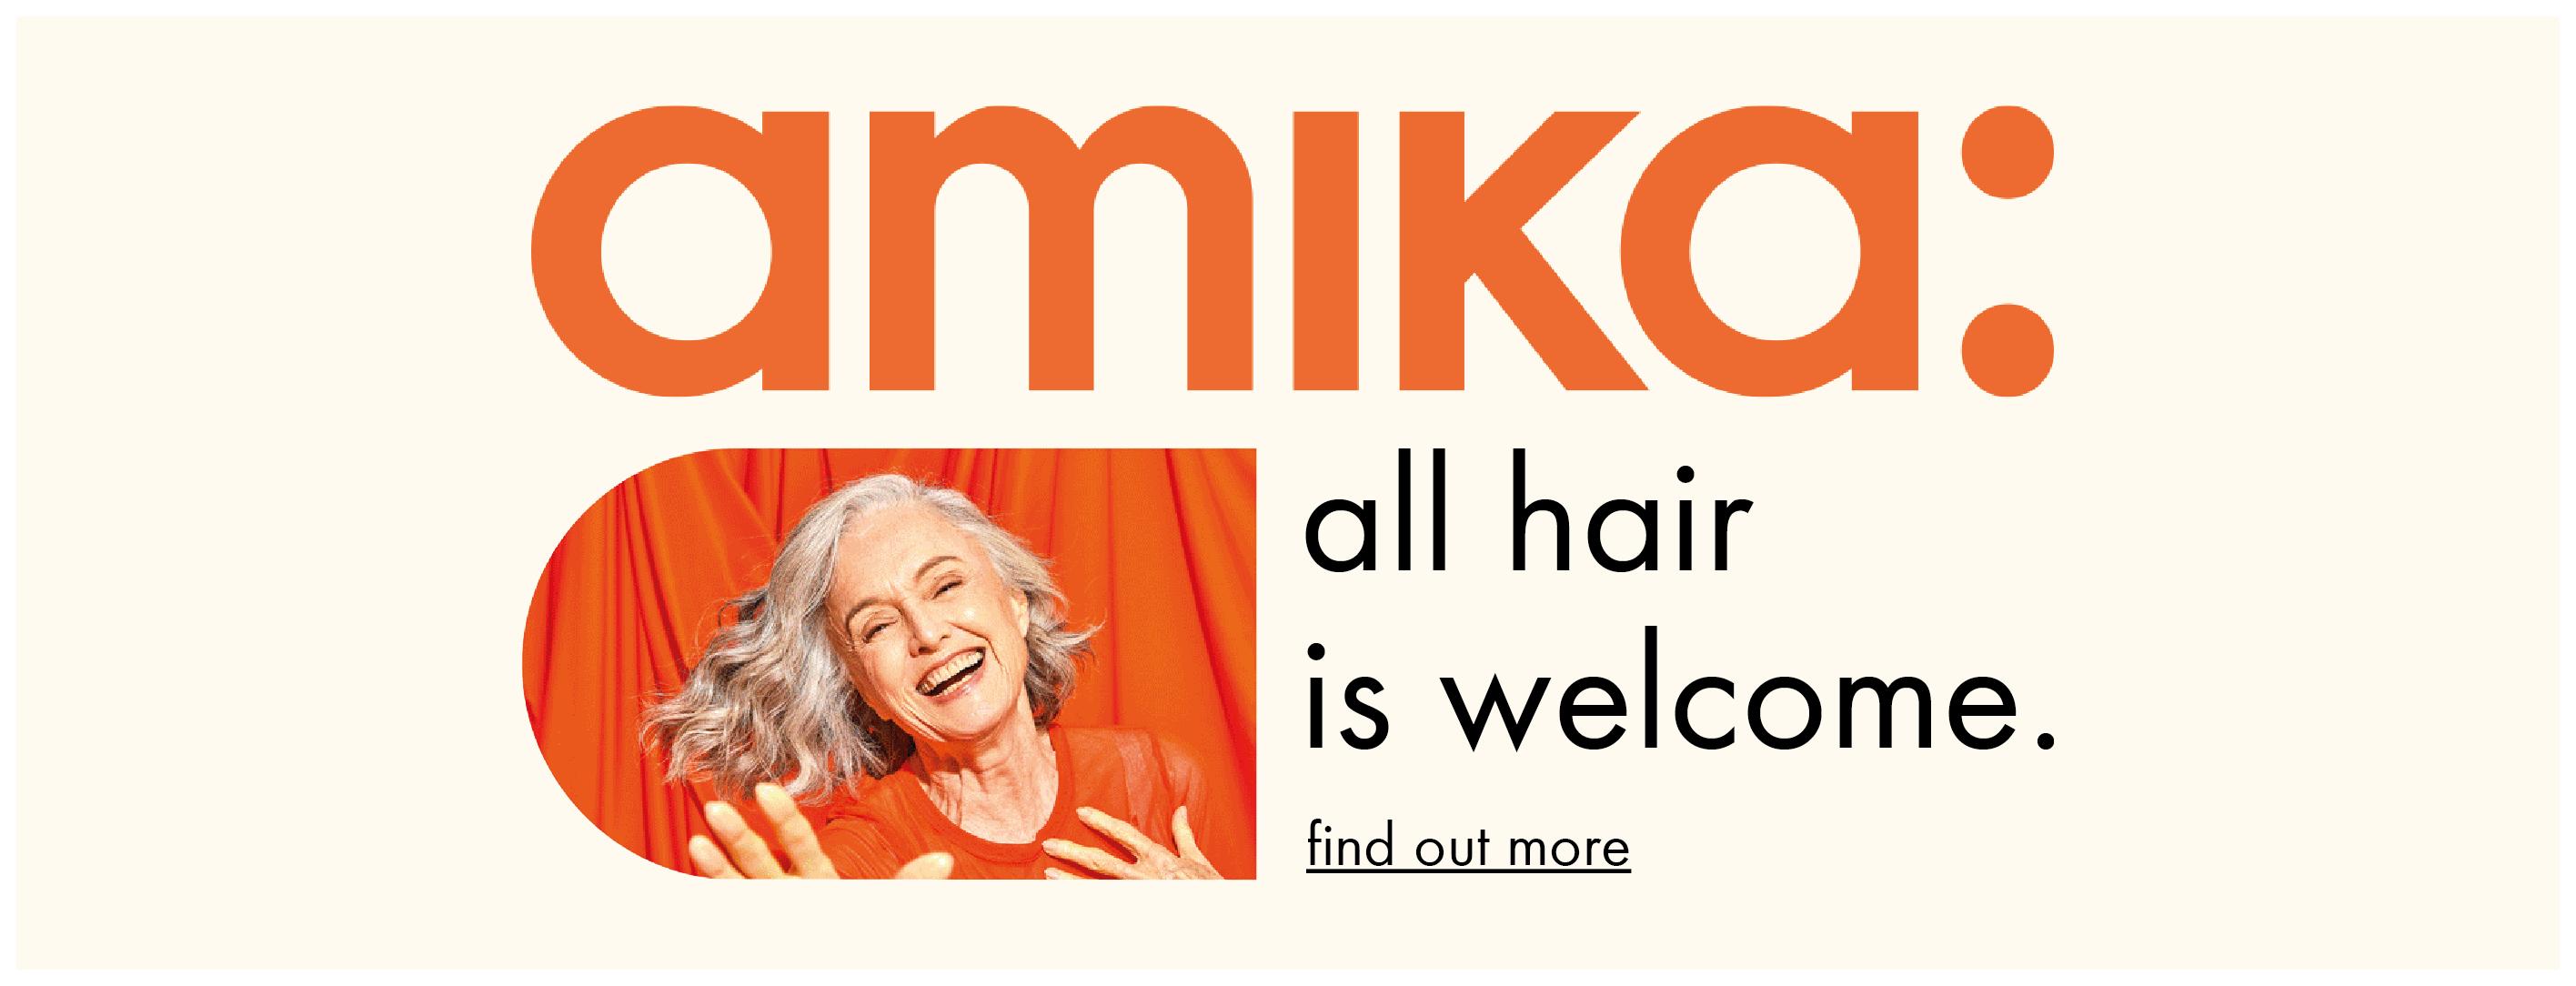 amika a friend to hair